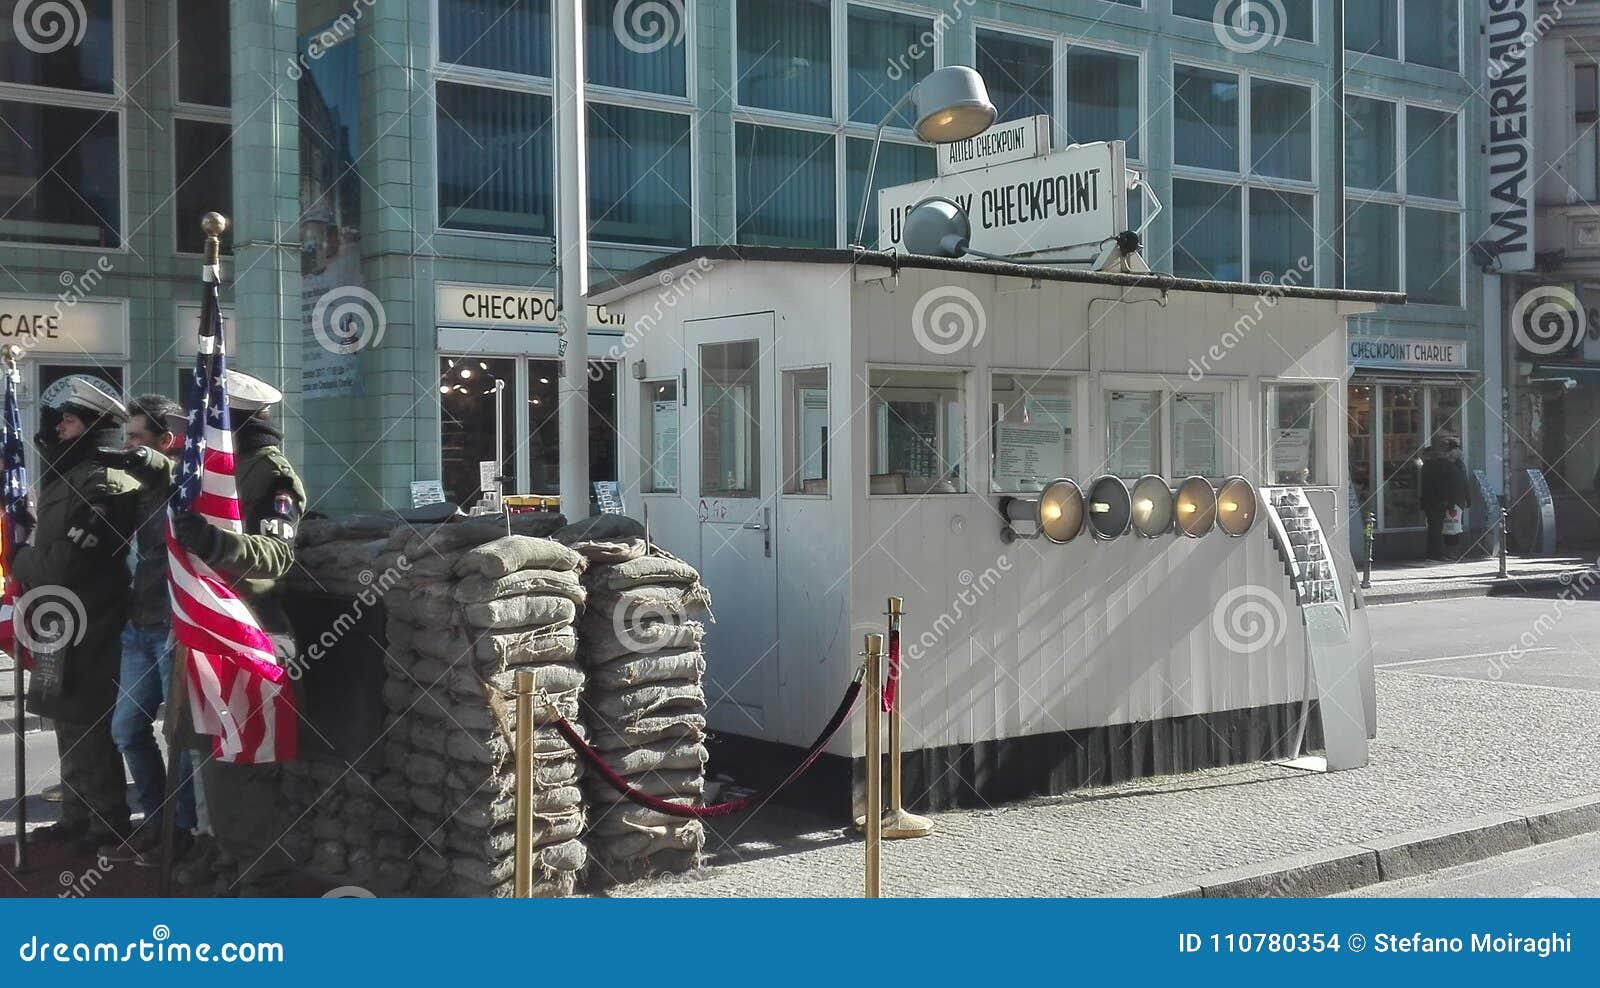 погранично контрольный пункт берлин картинки образом можно повторить